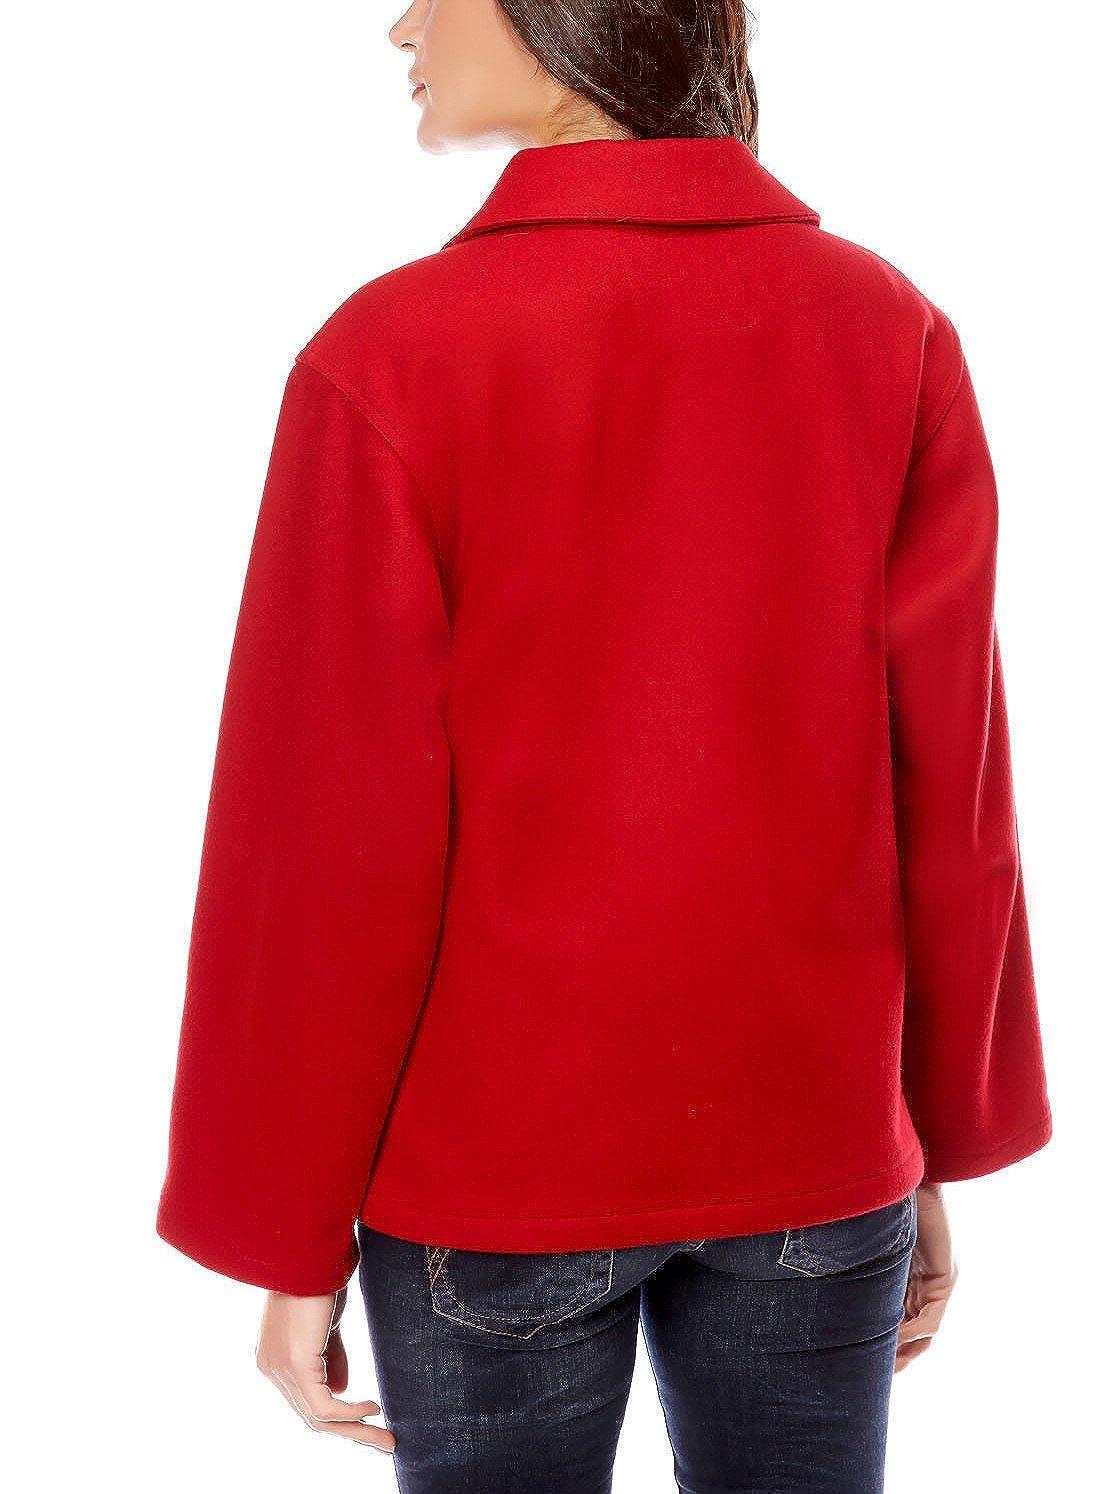 c48092c213 Dalmard Marine - Veste Laine Made in France Couleur - Rouge, Taille Femme -  44: Amazon.fr: Vêtements et accessoires